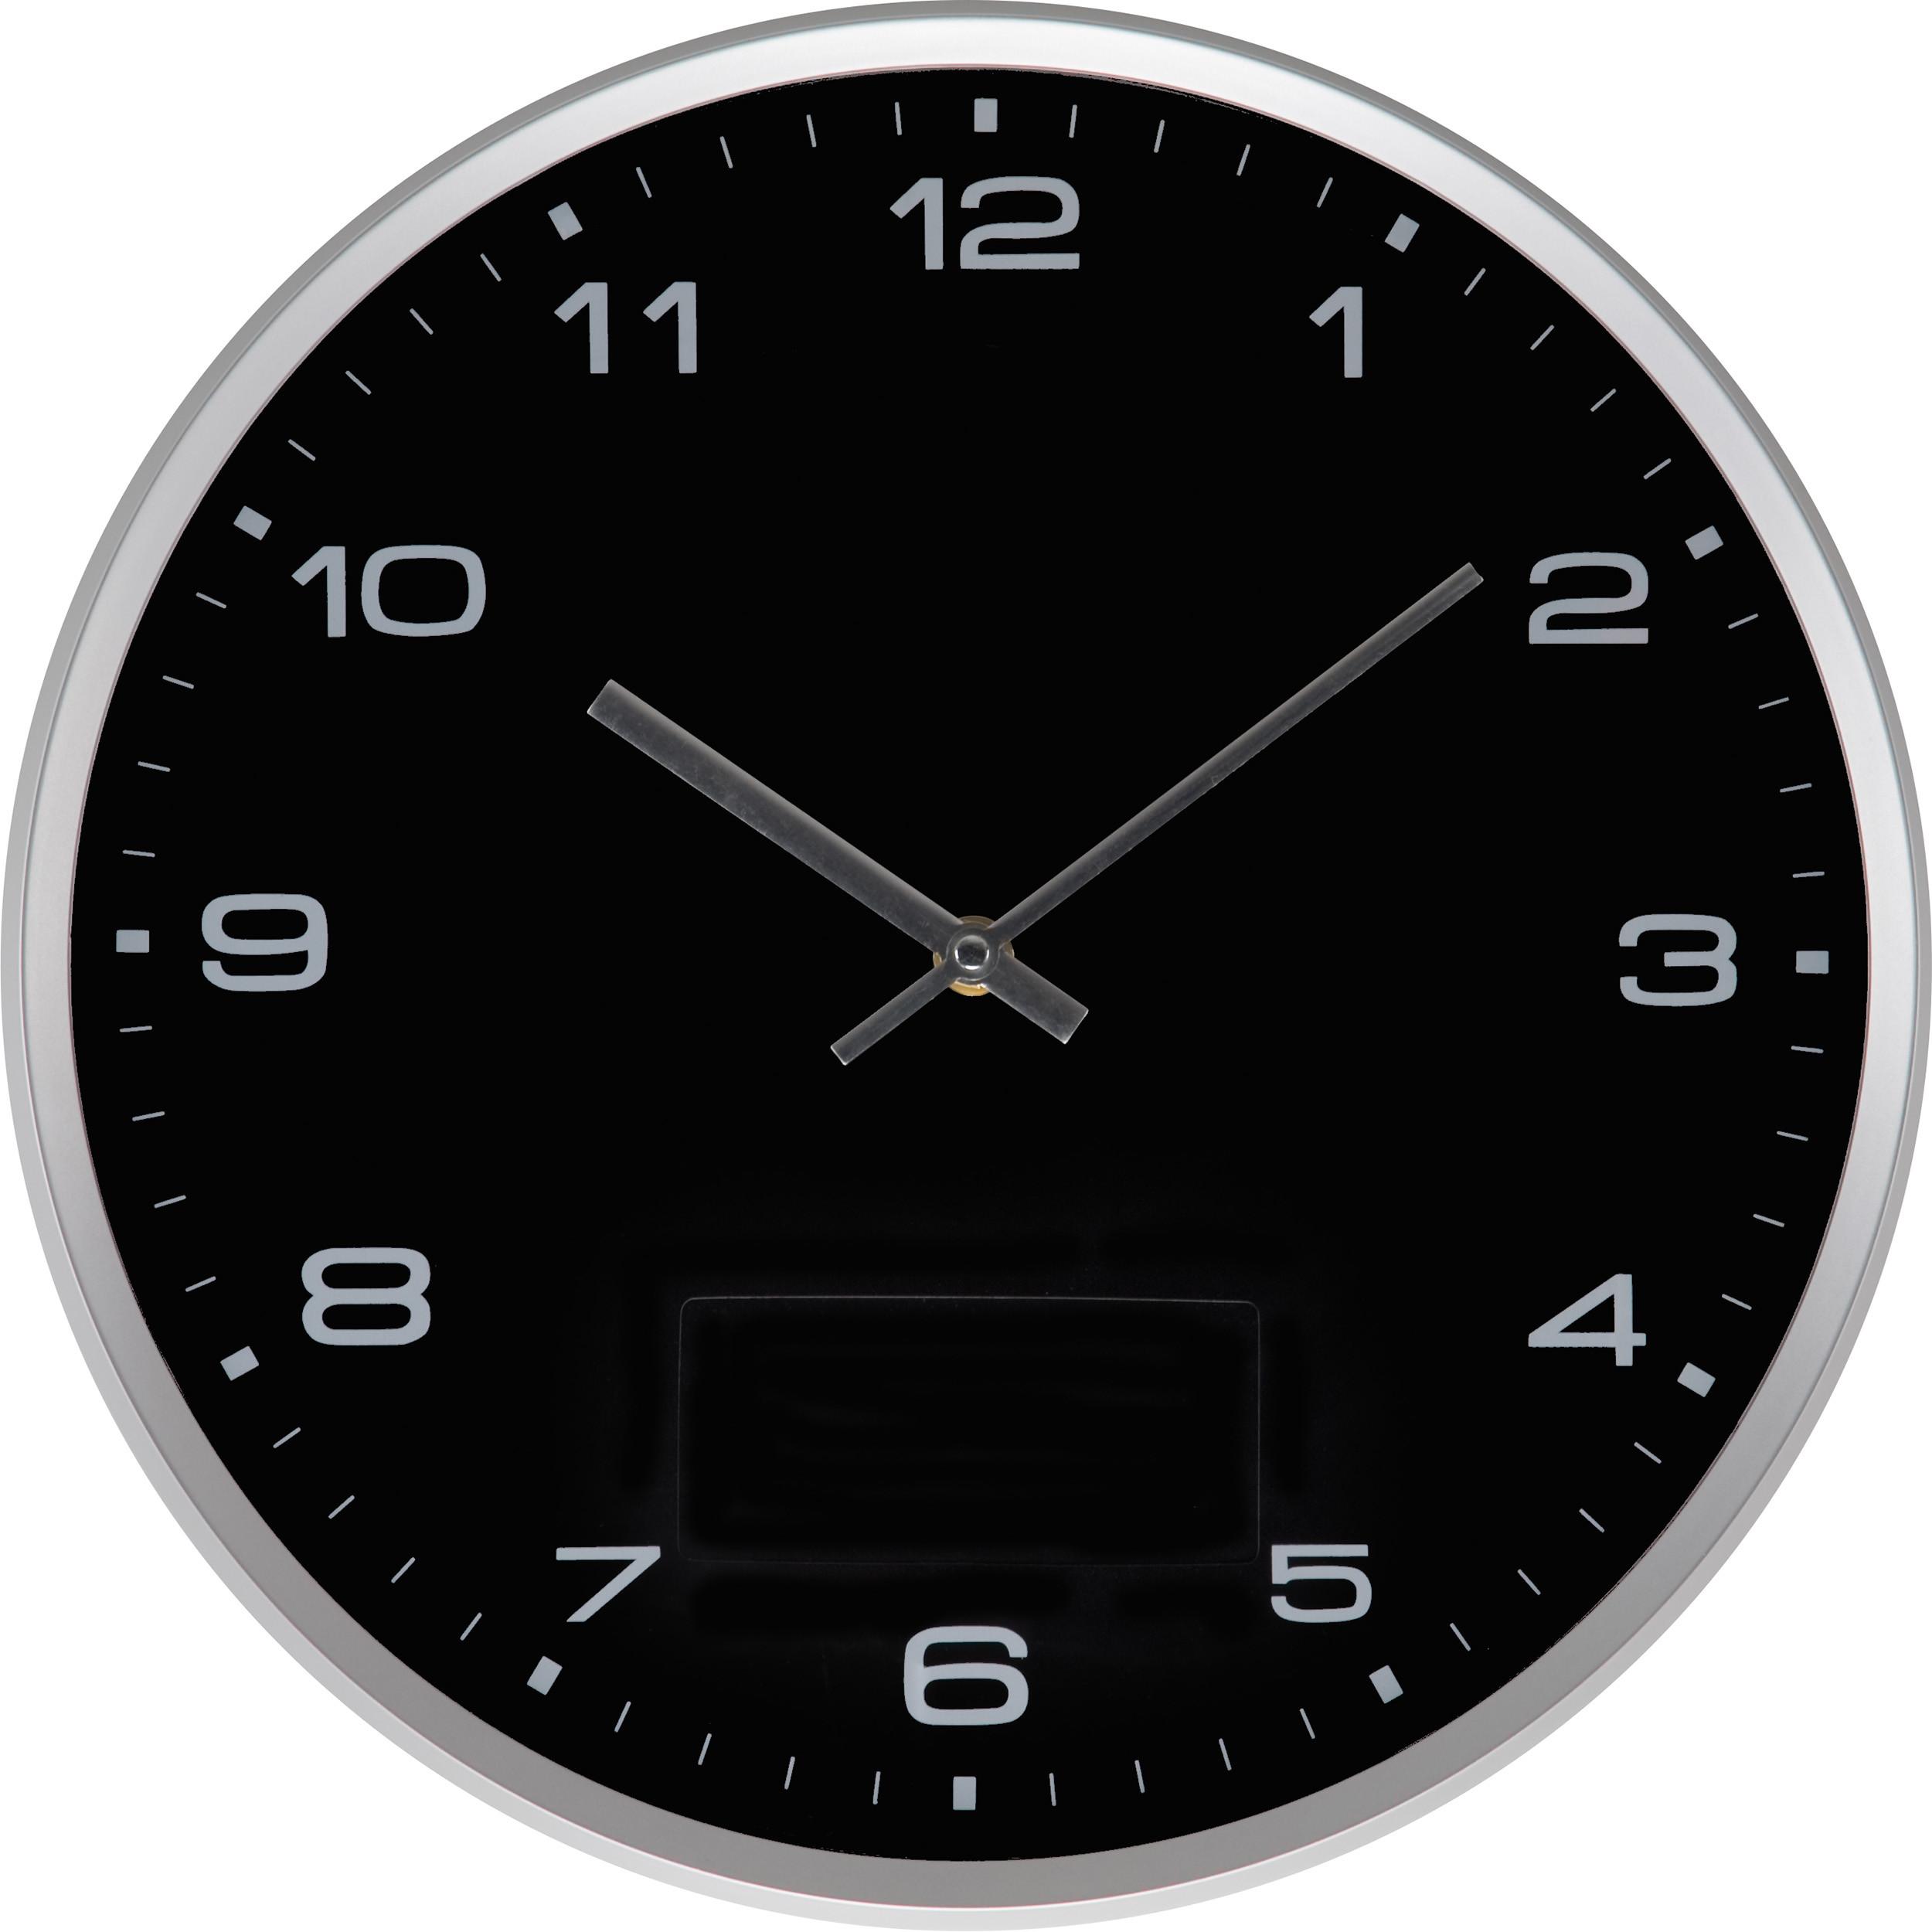 Macma Iberia | Reloj de pared con marco plateado y sistema click